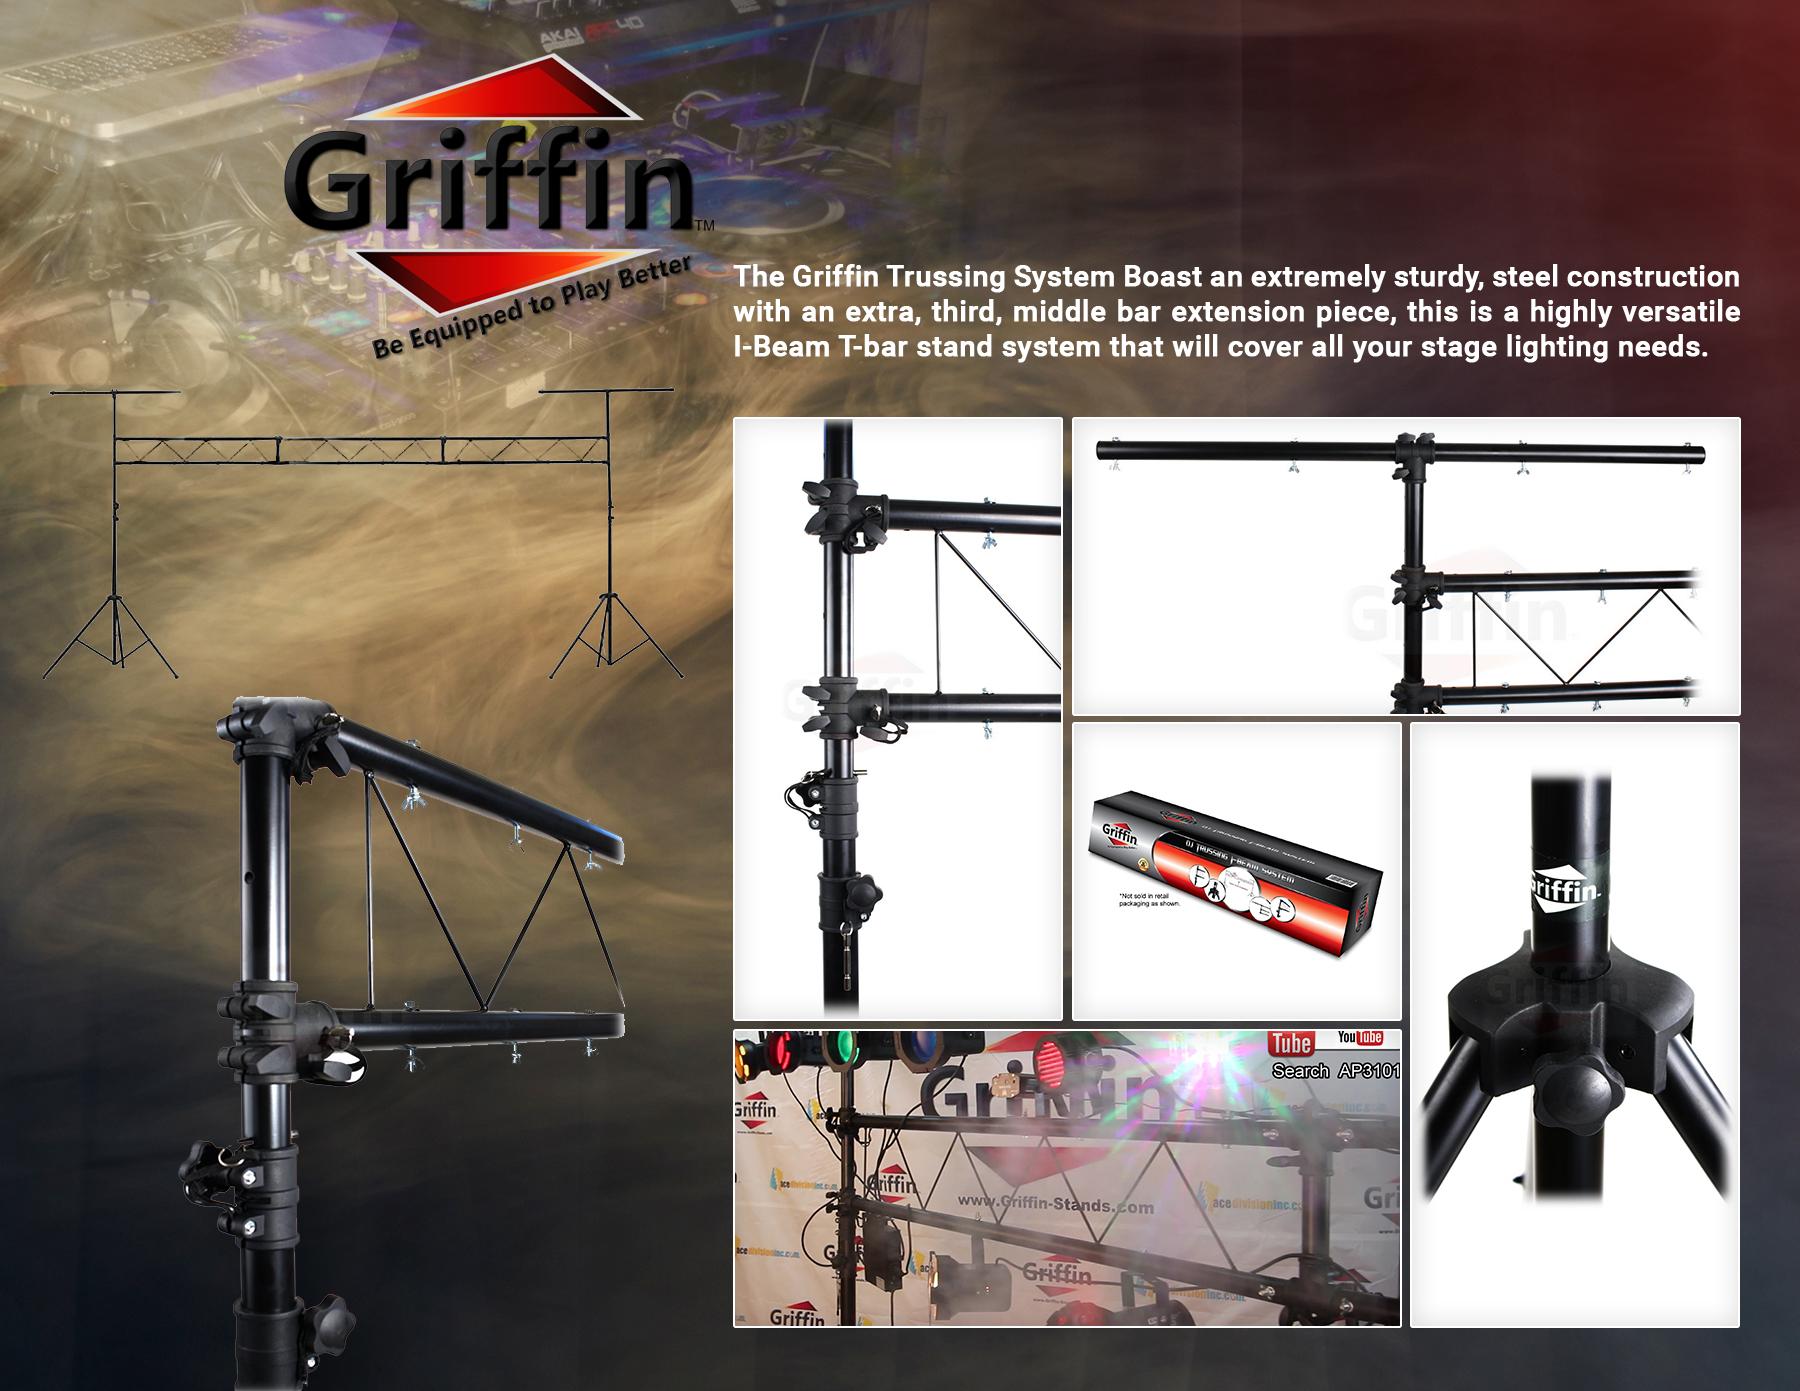 dj light truss stand system trussing i beam lighting stage pa speaker t bar 797734483512 ebay. Black Bedroom Furniture Sets. Home Design Ideas